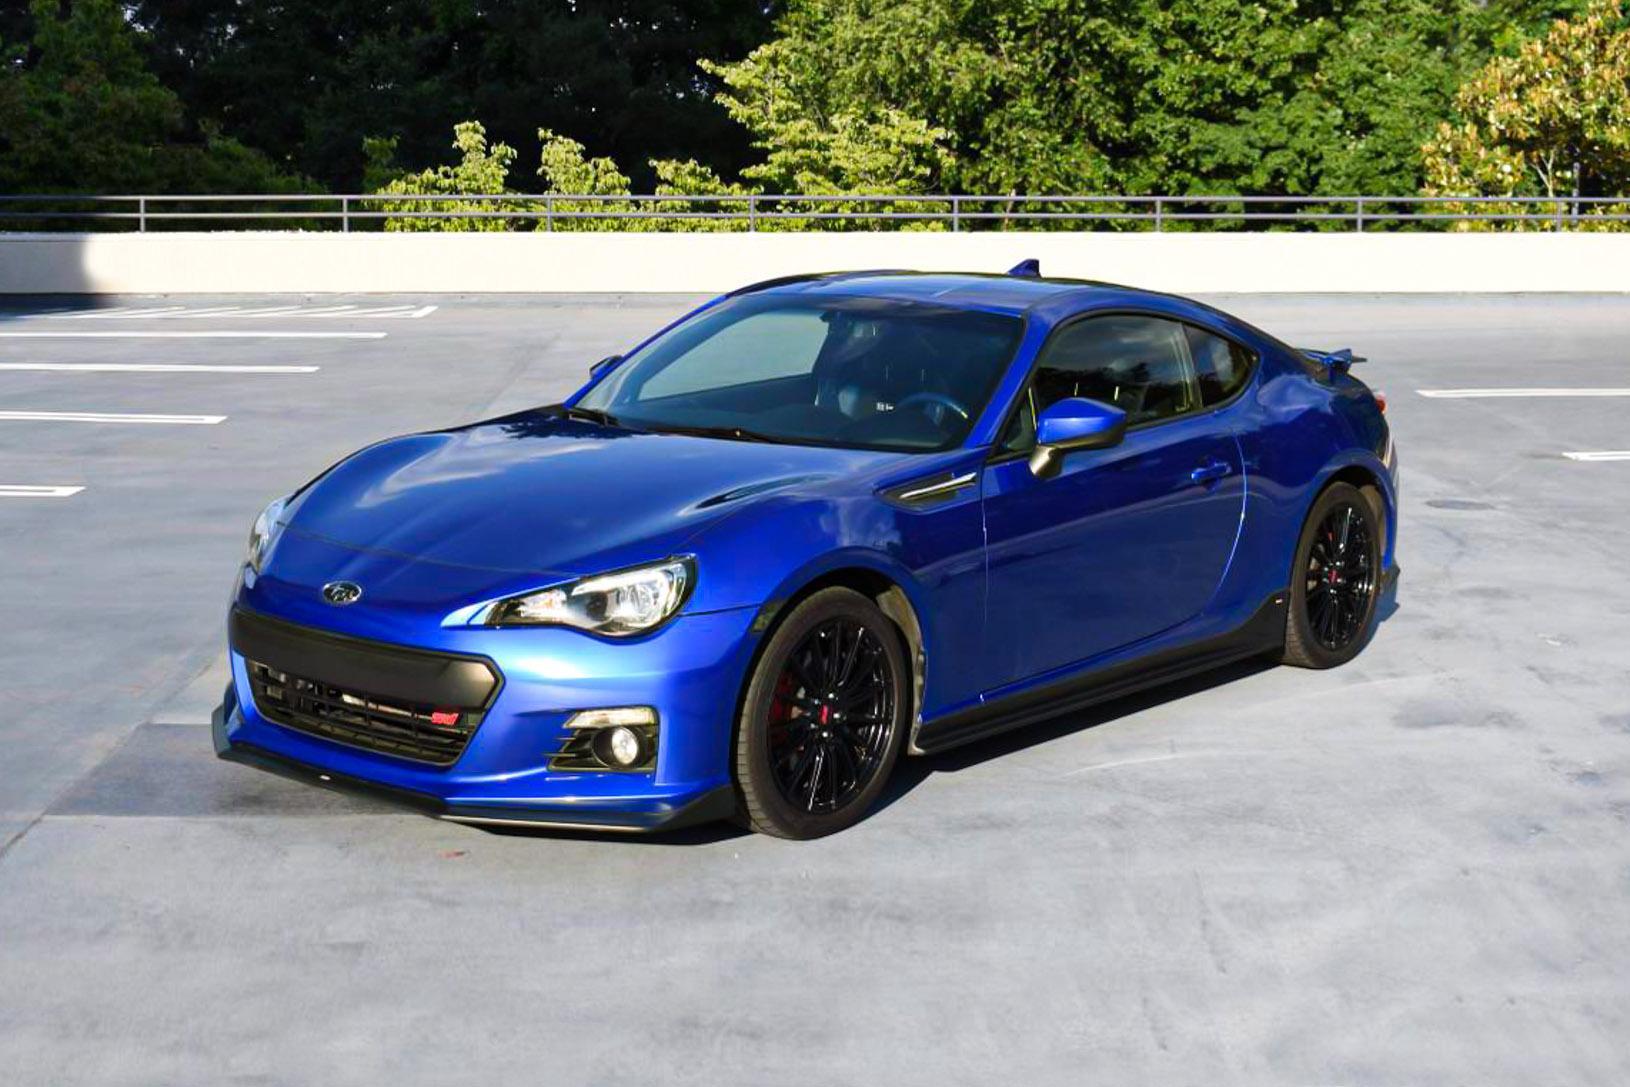 2015 Subaru BRZ 'Series.Blue'